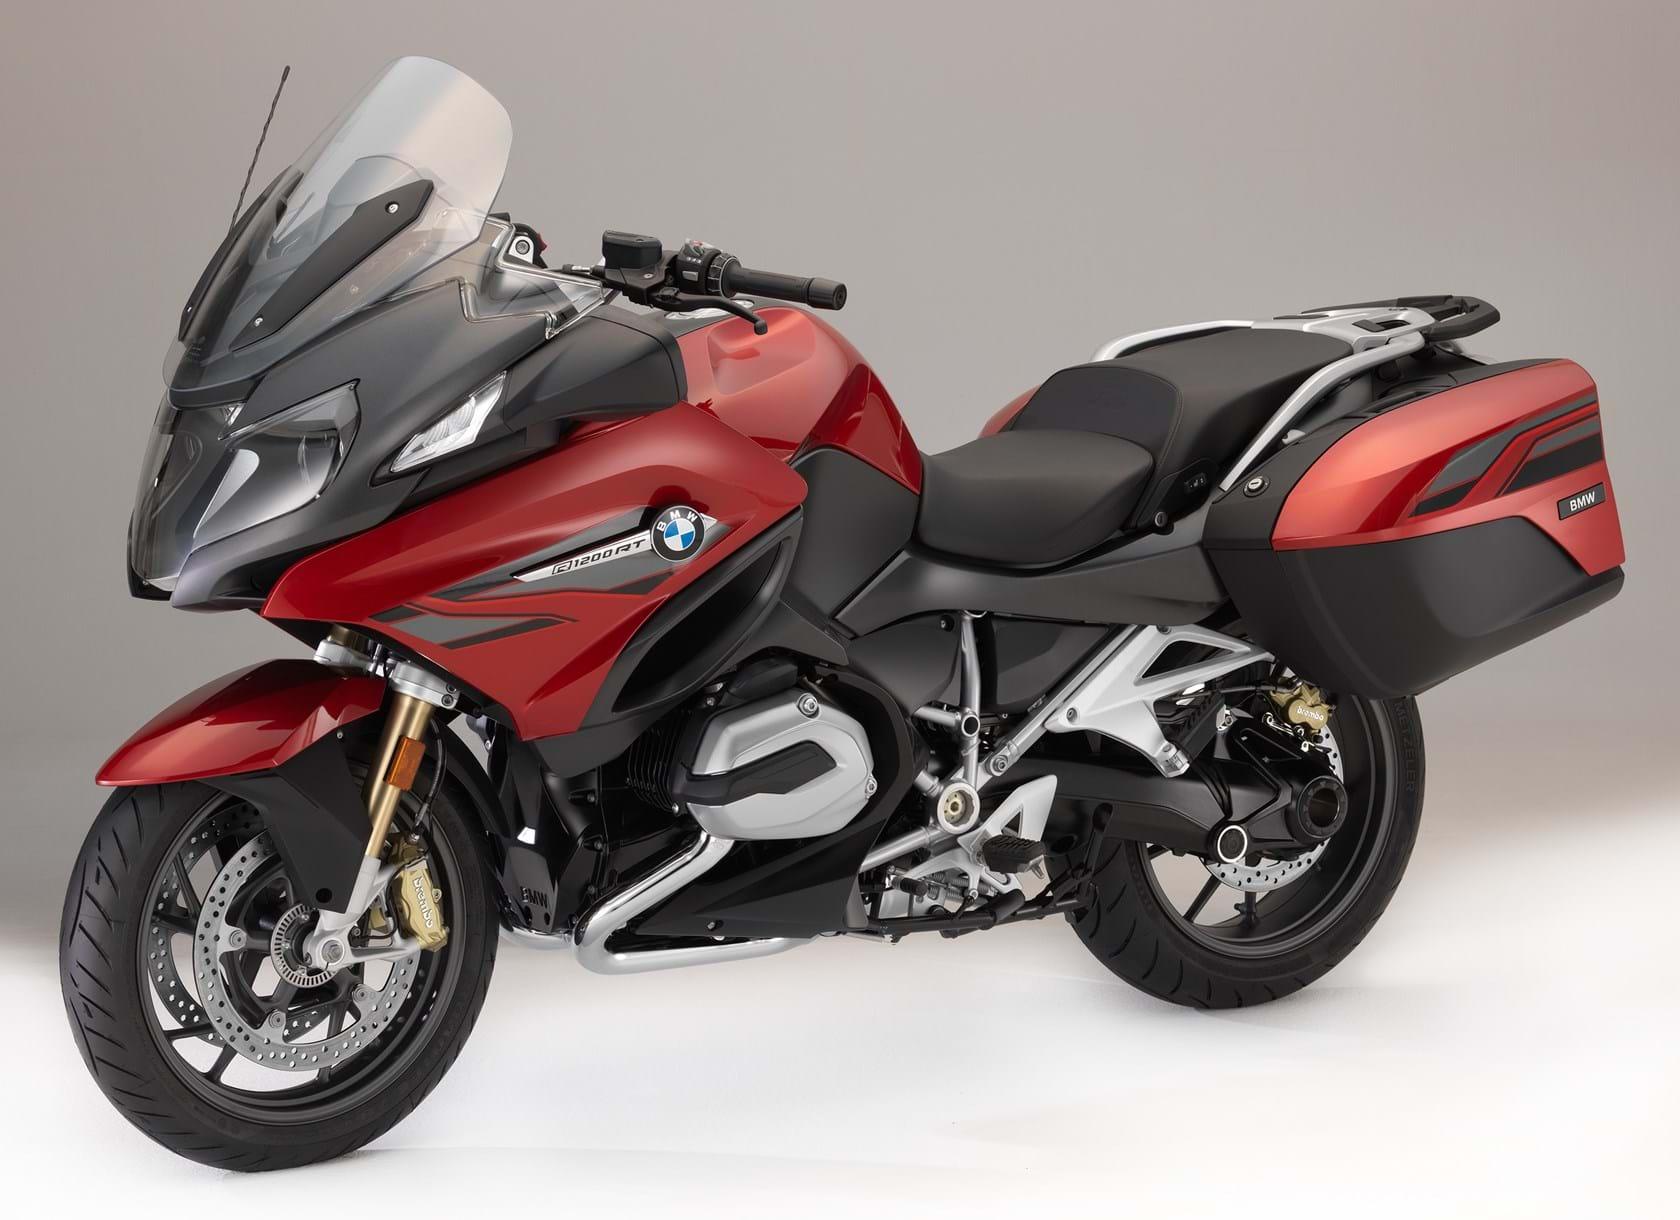 Bmw Motorcycle Parts Ebay Uk Ash Cycles